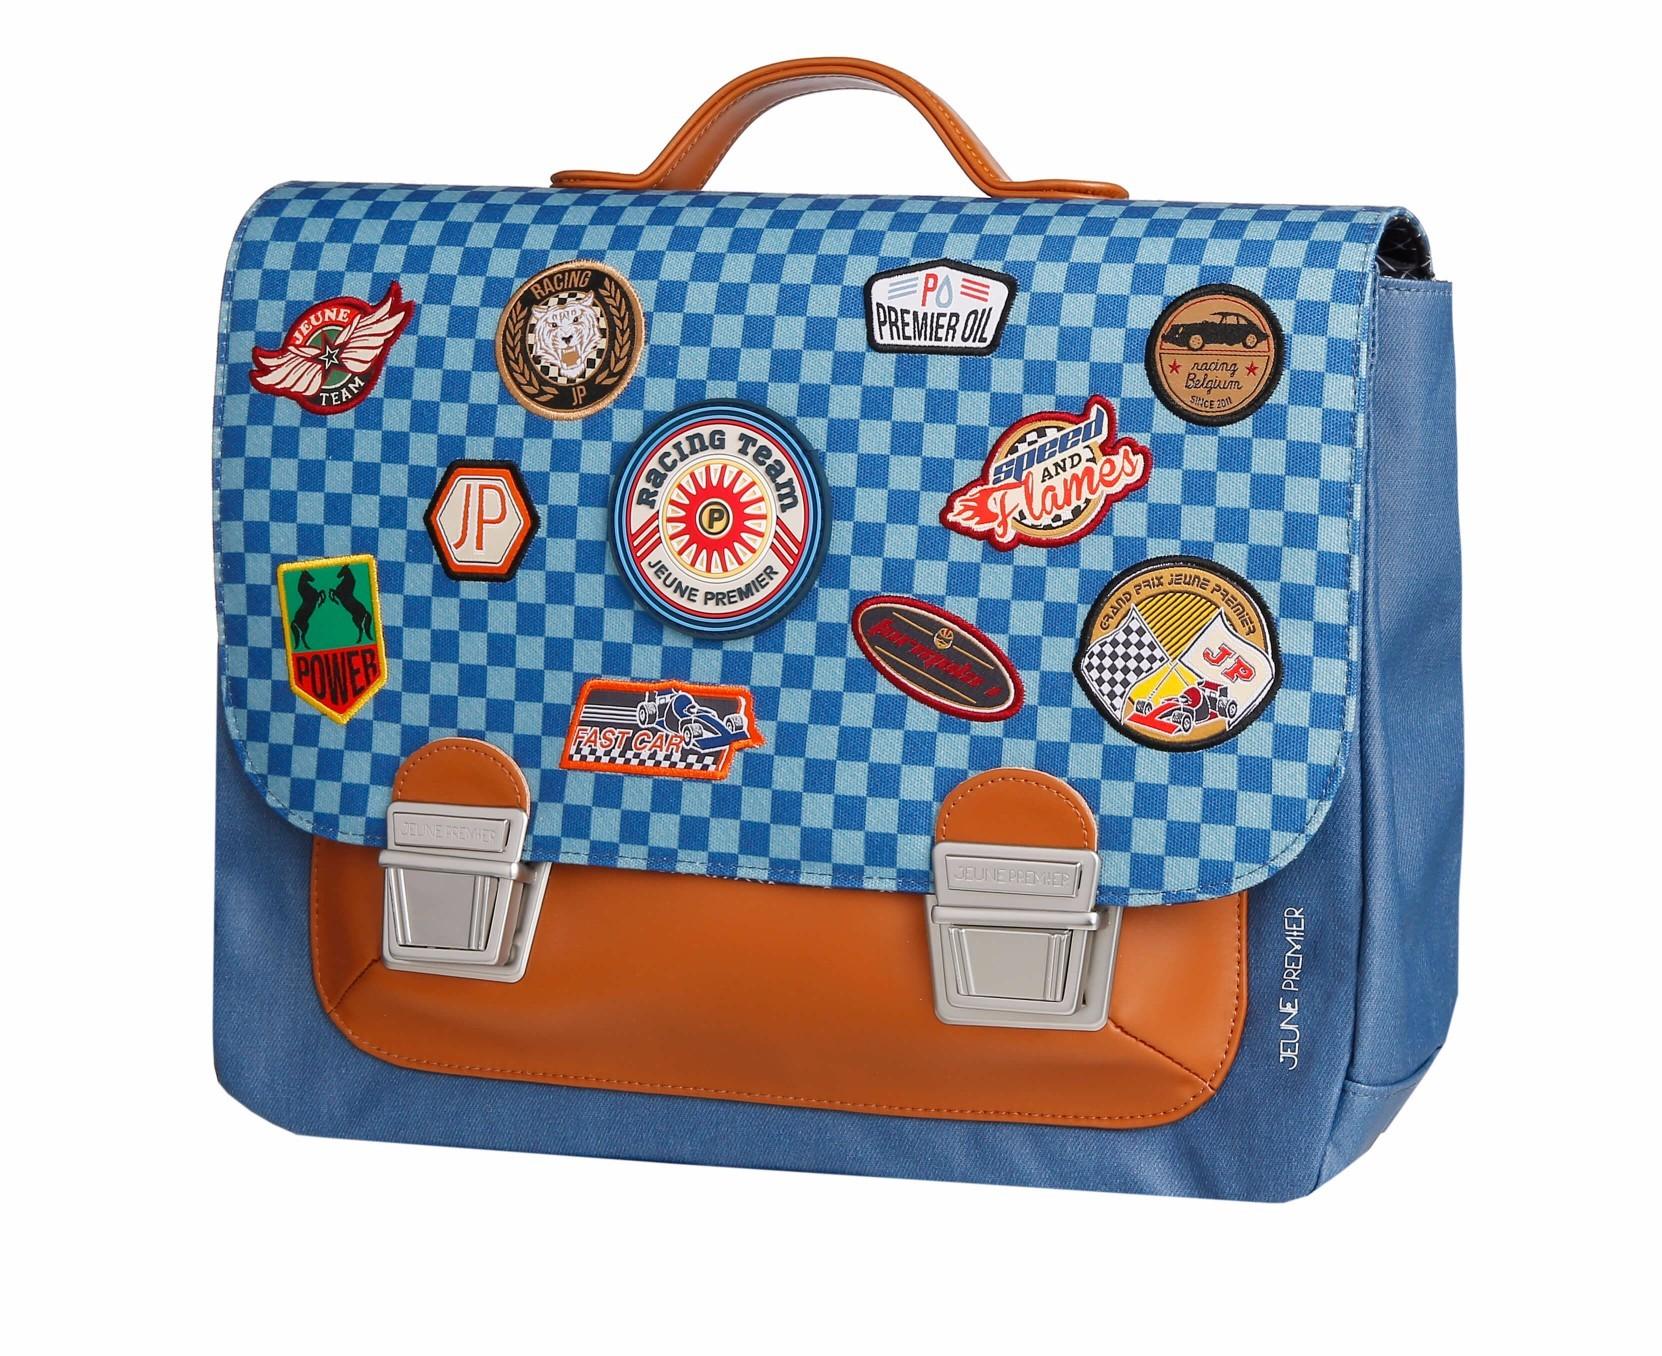 Школьный портфель для мальчика Jeune Premier Racing Midi Скорость, - фото 1